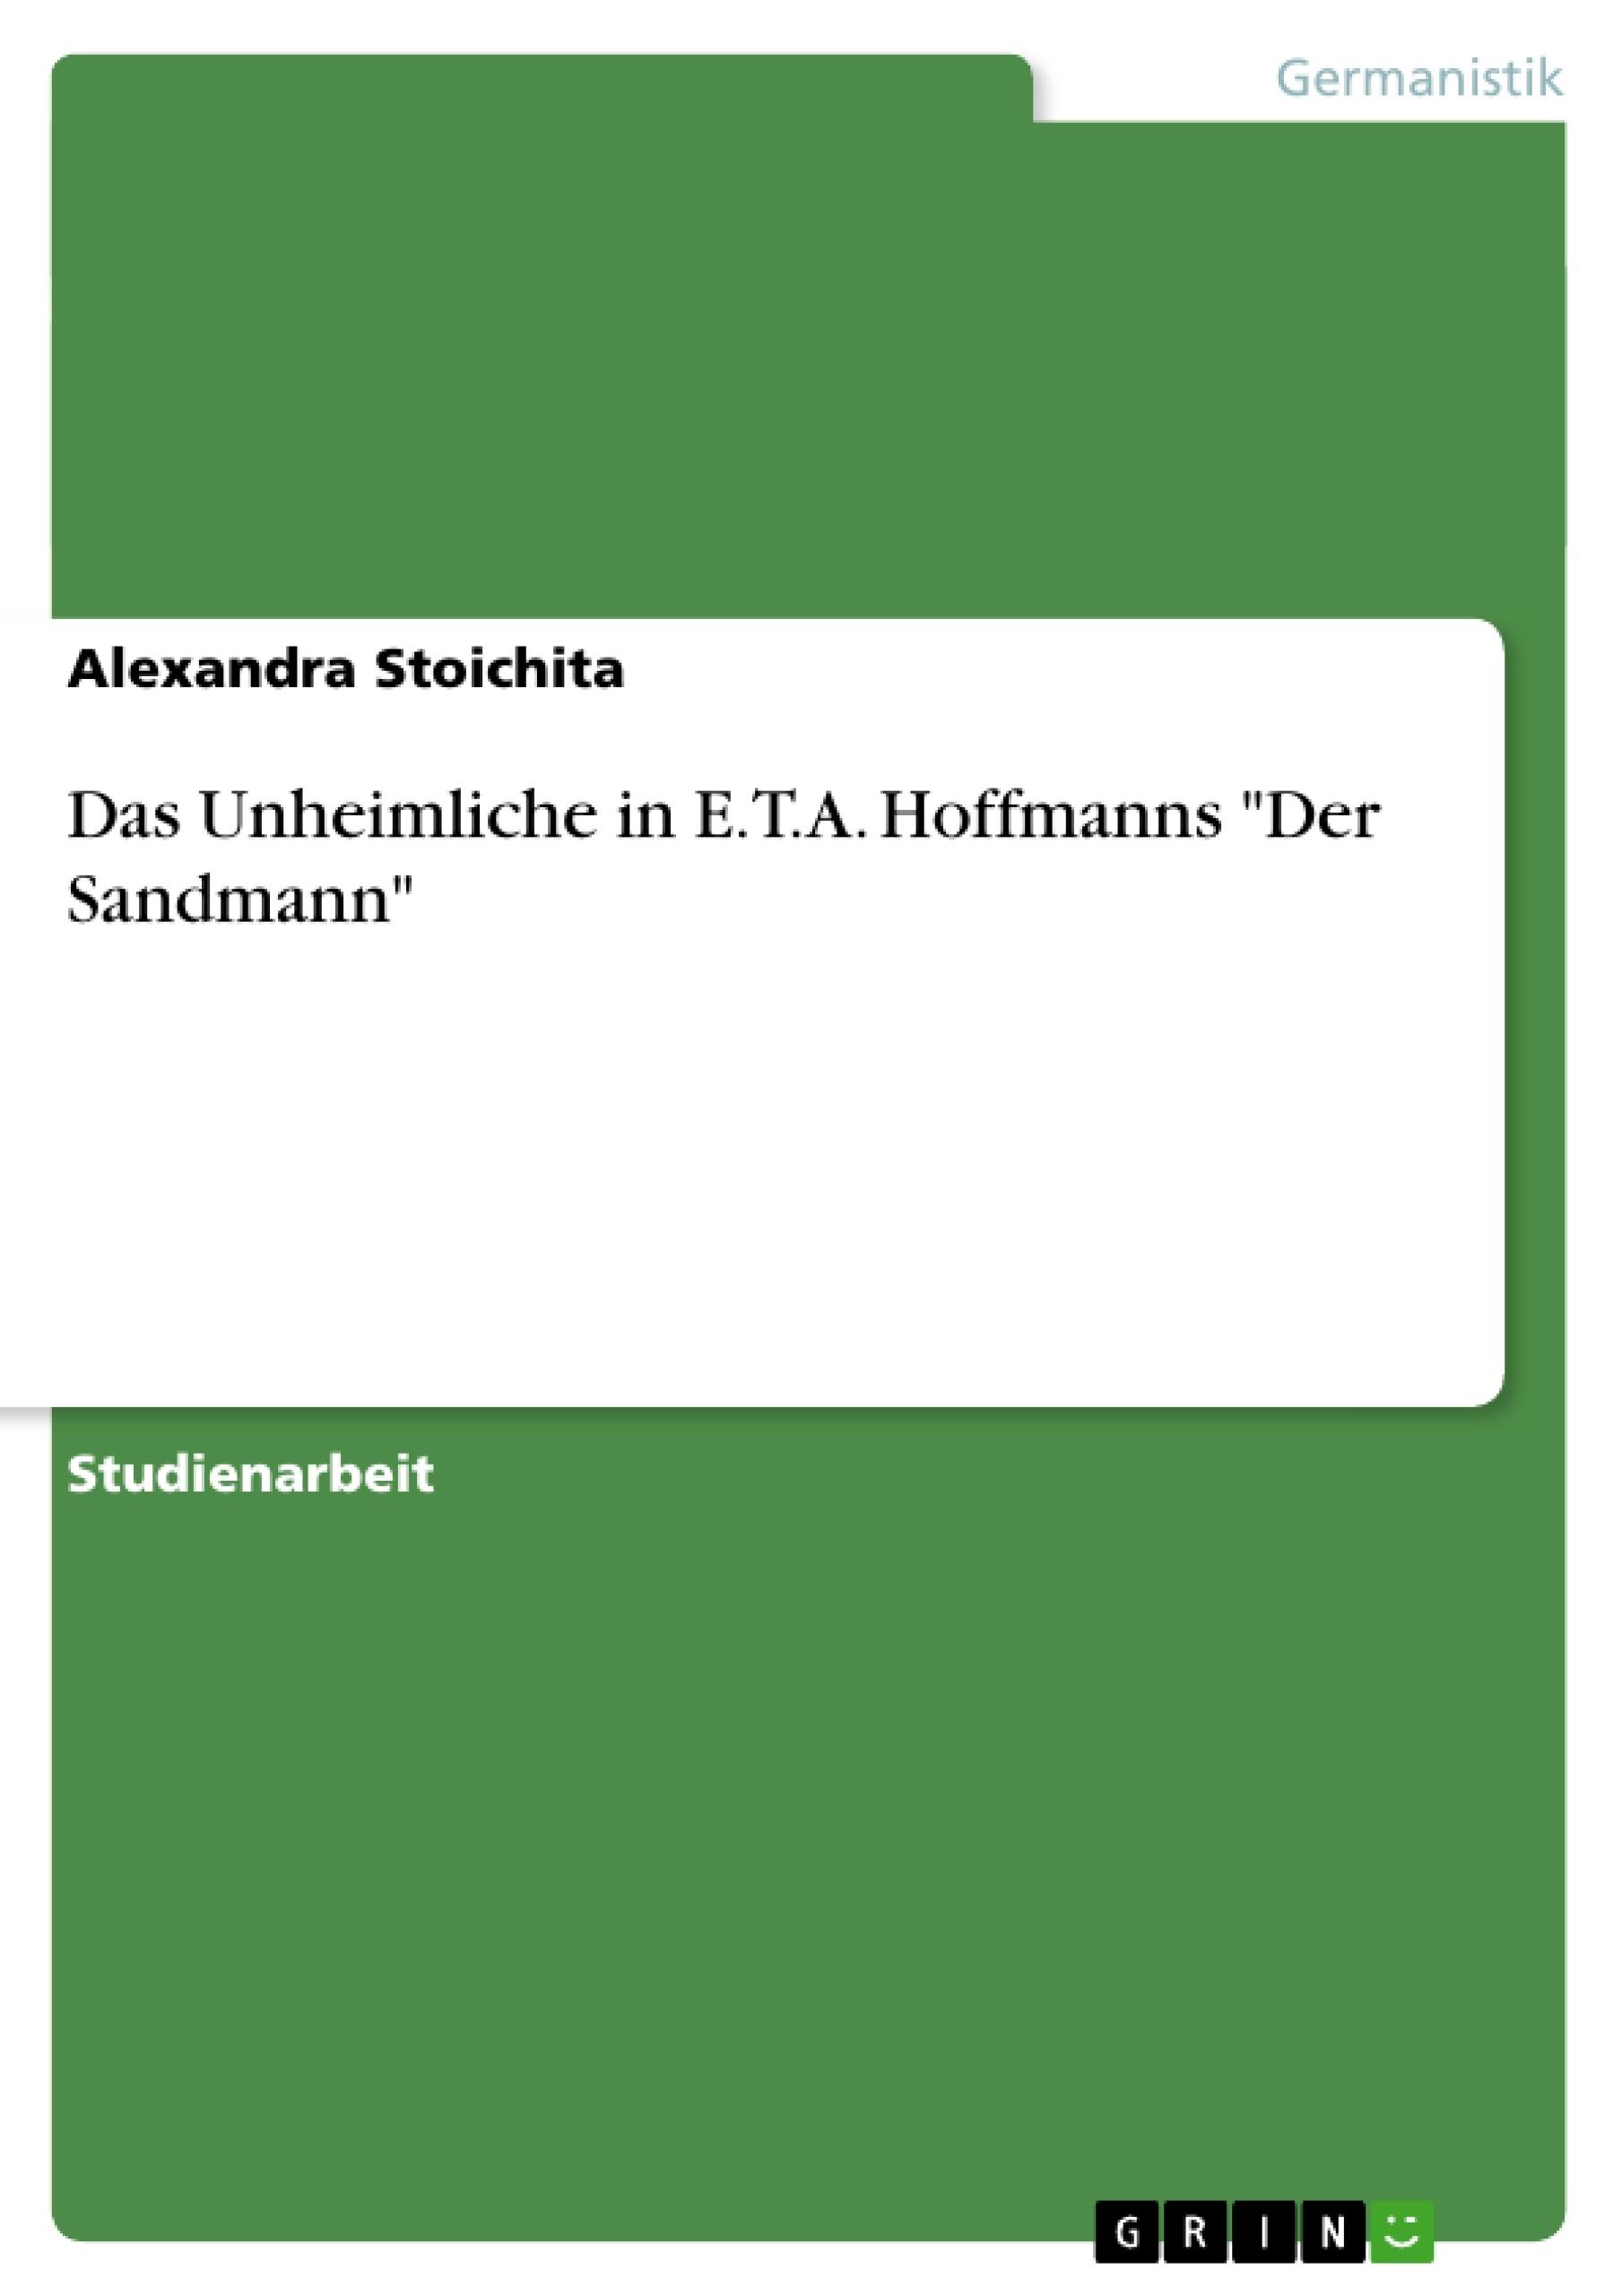 view Gegenwartsgesellschaften: Bundesrepublik Deutschland: